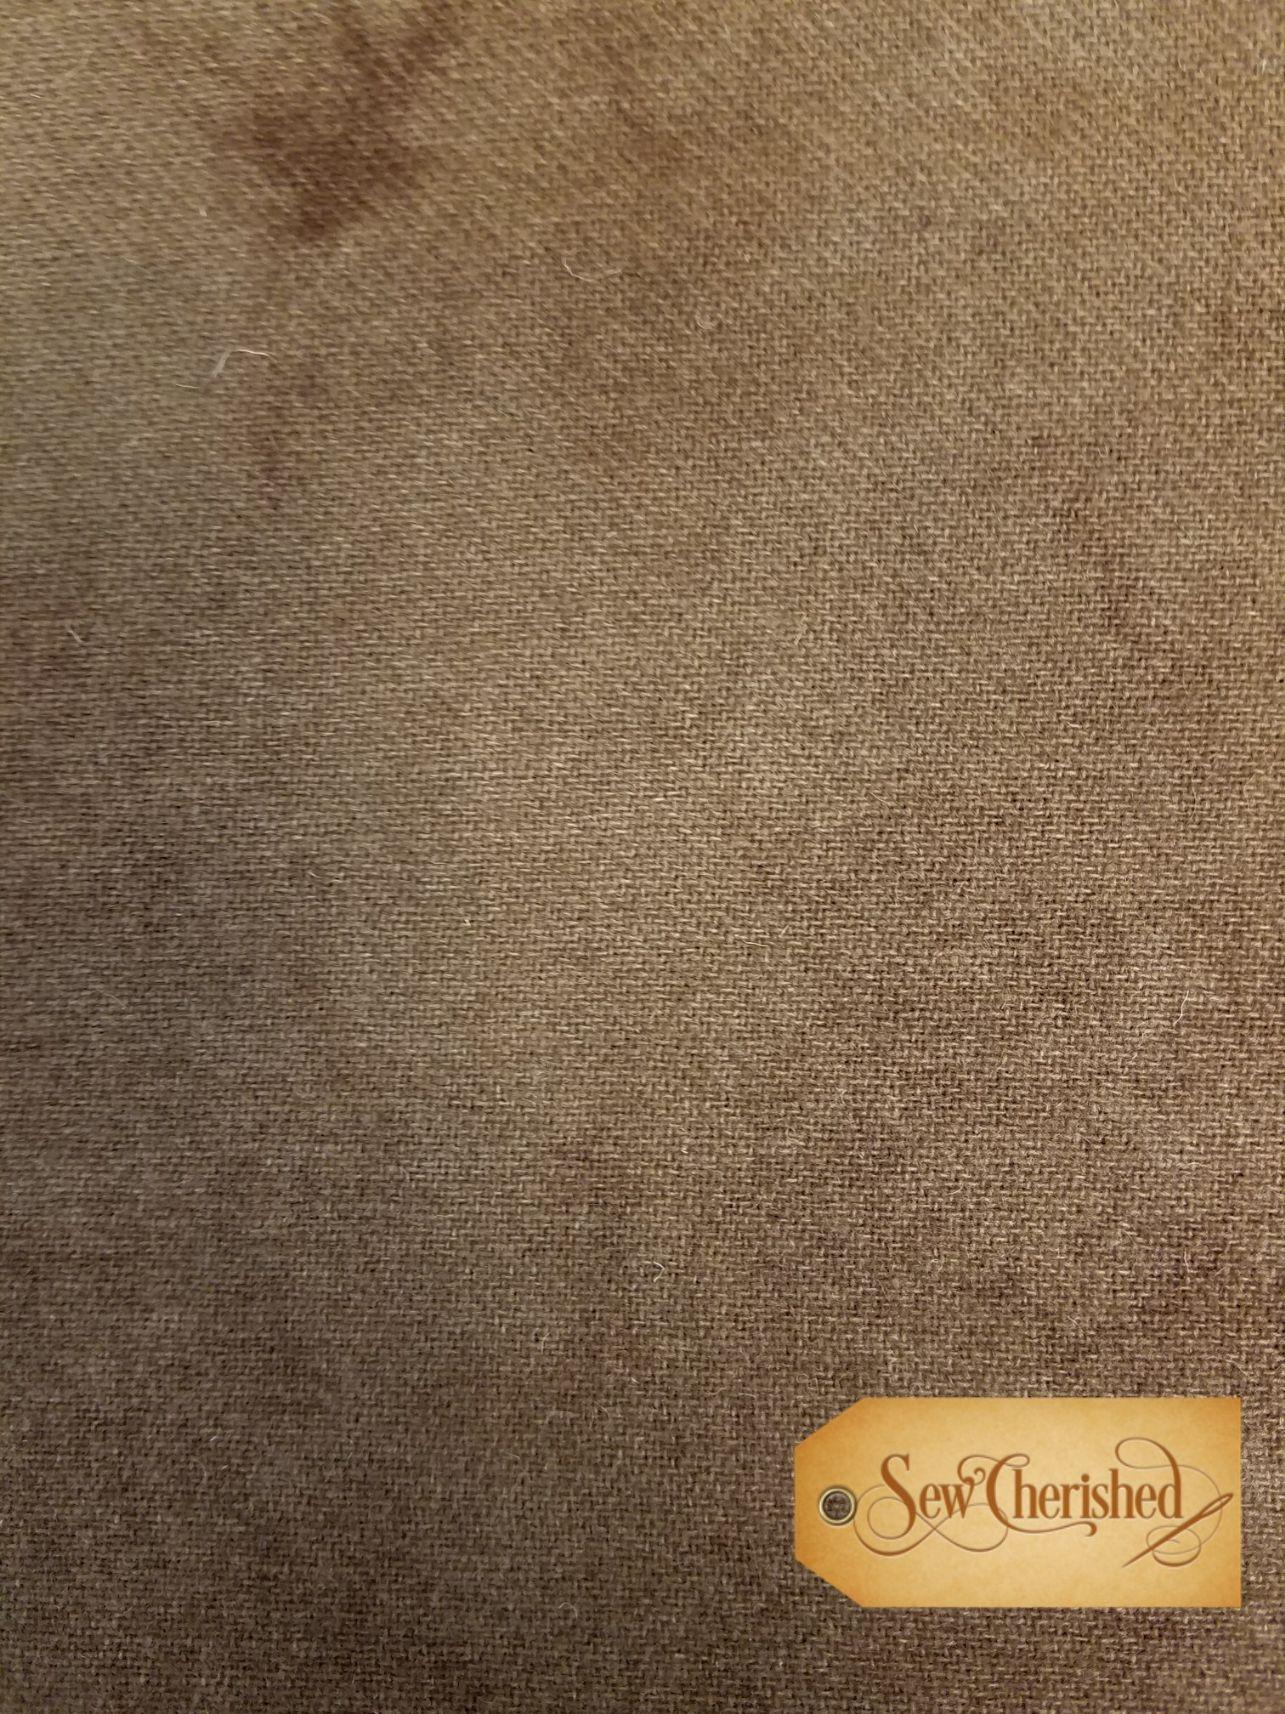 Burlap Wool